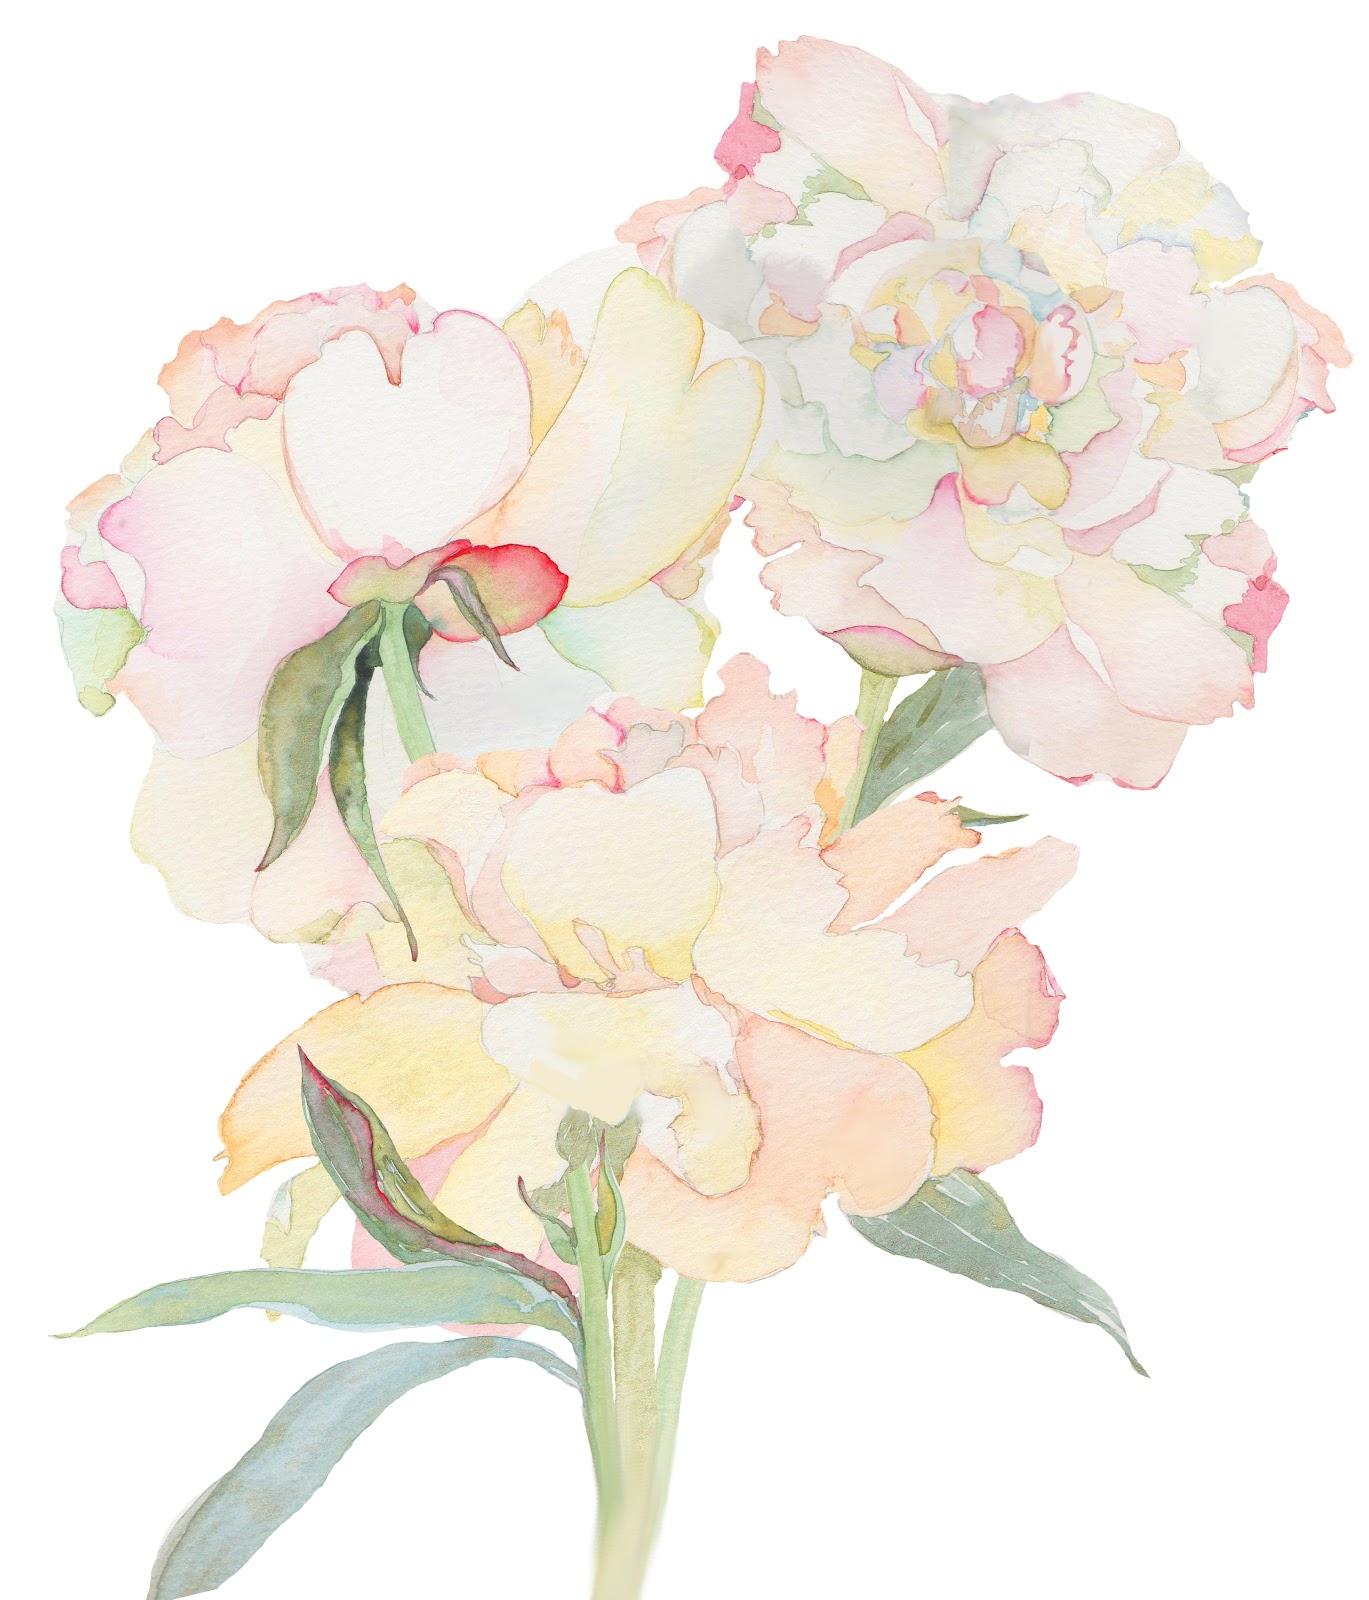 Watercolor Flower Painting: DEEP COVE FLOWERS: Blushing Peonies